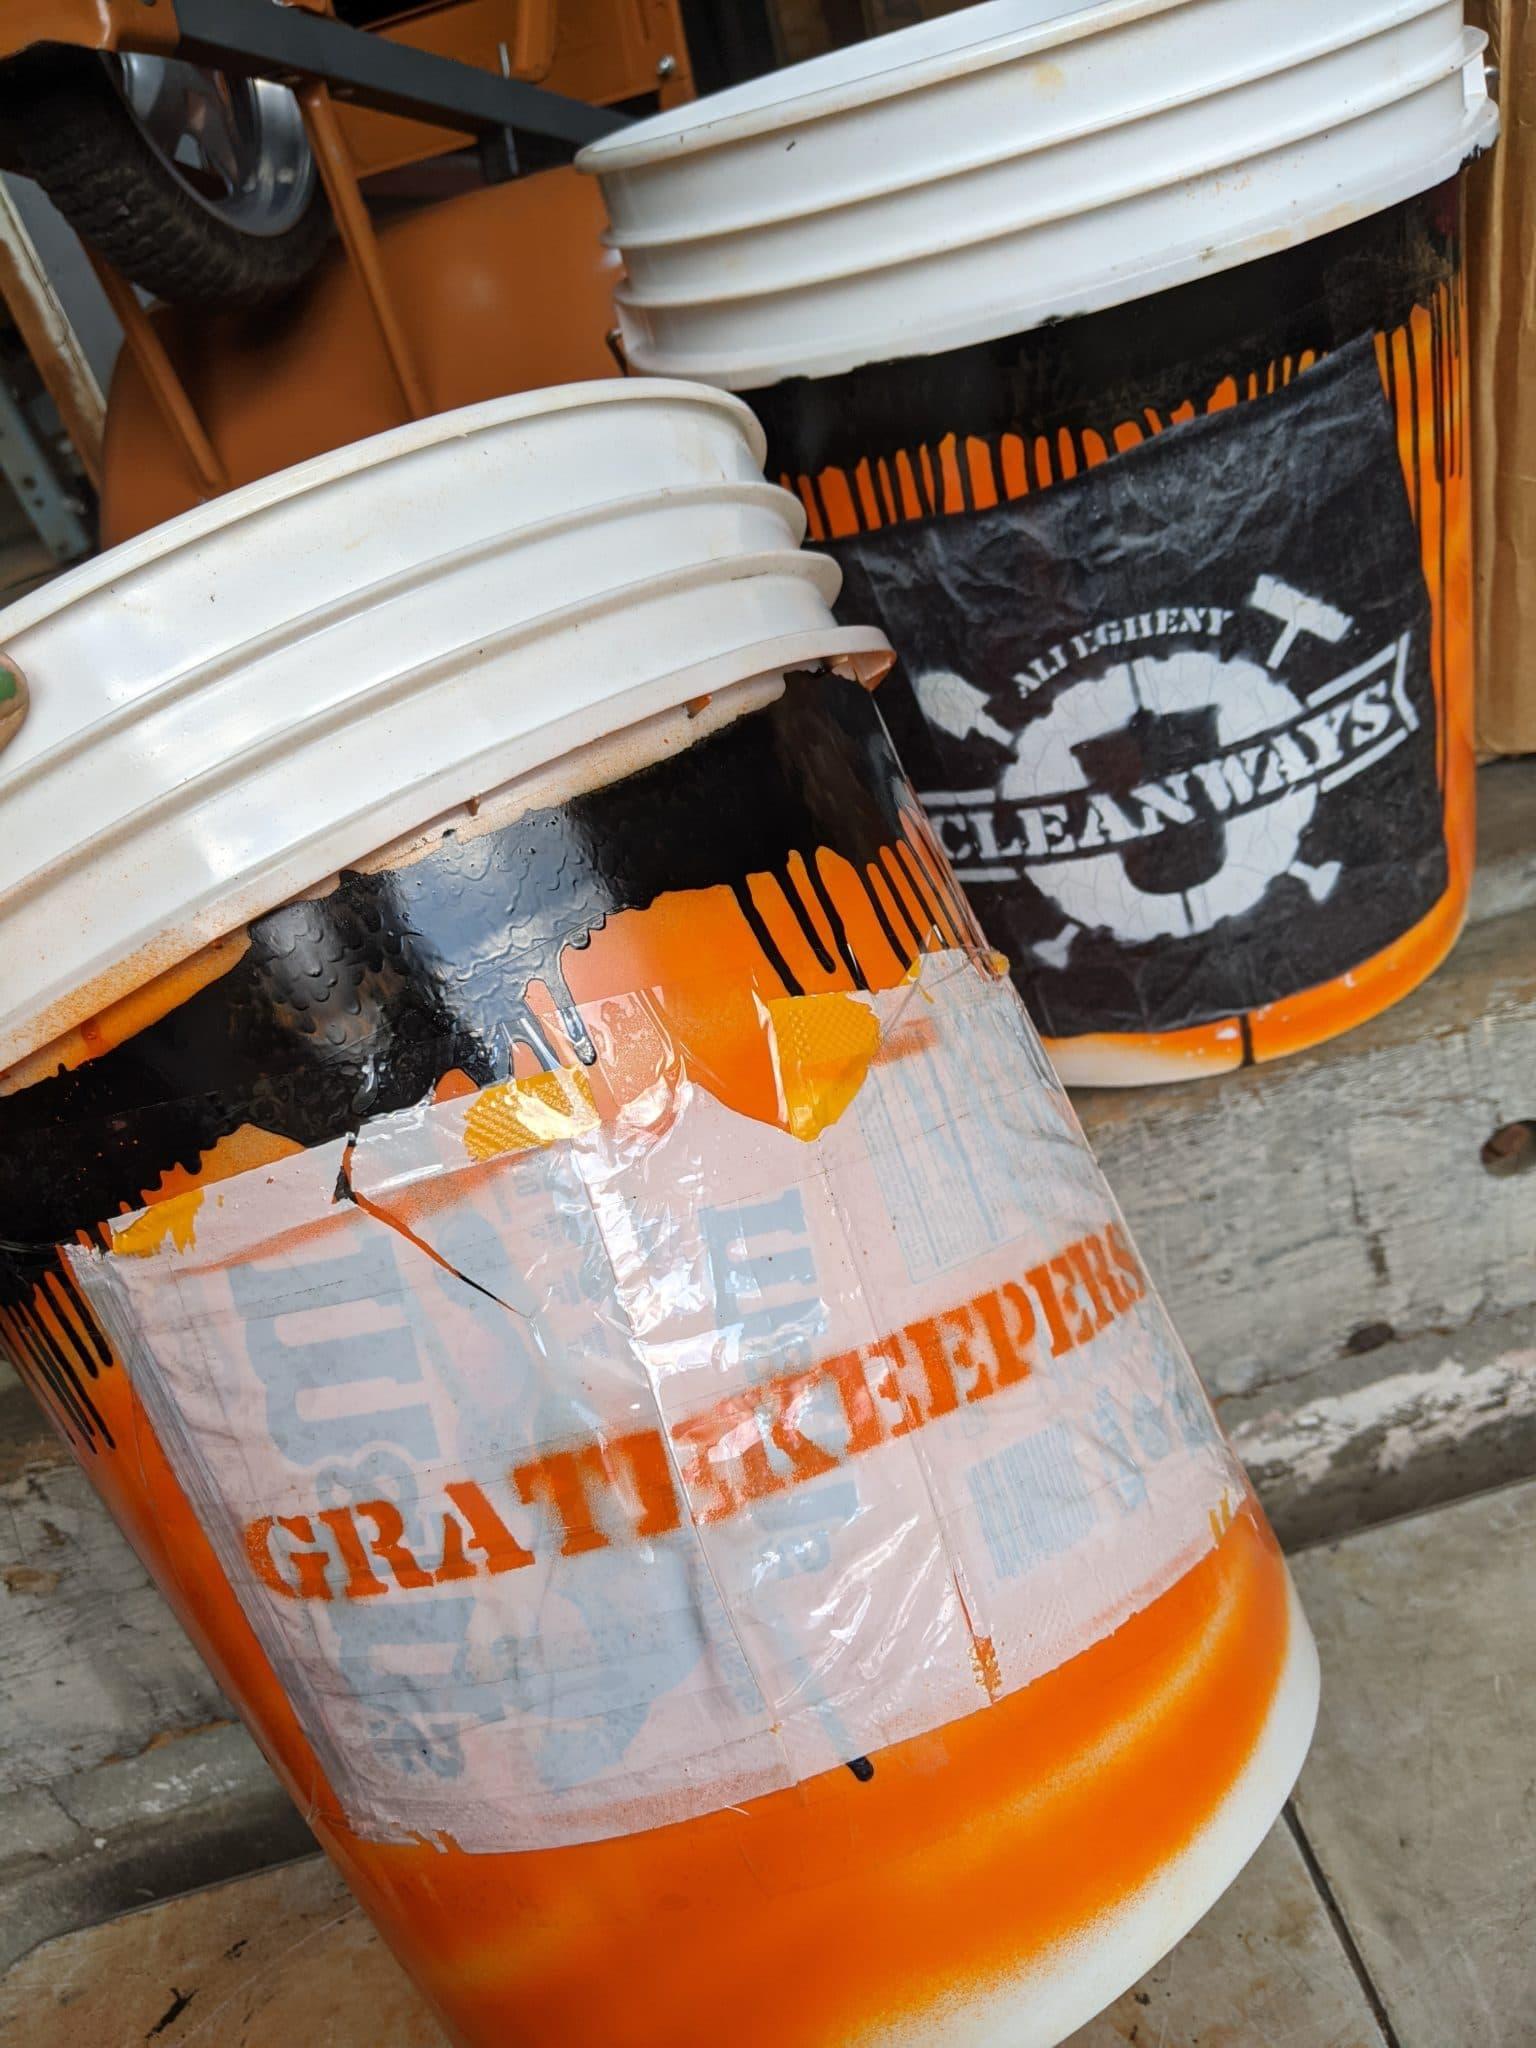 Gratekeepers volunteer cleanup bucket.